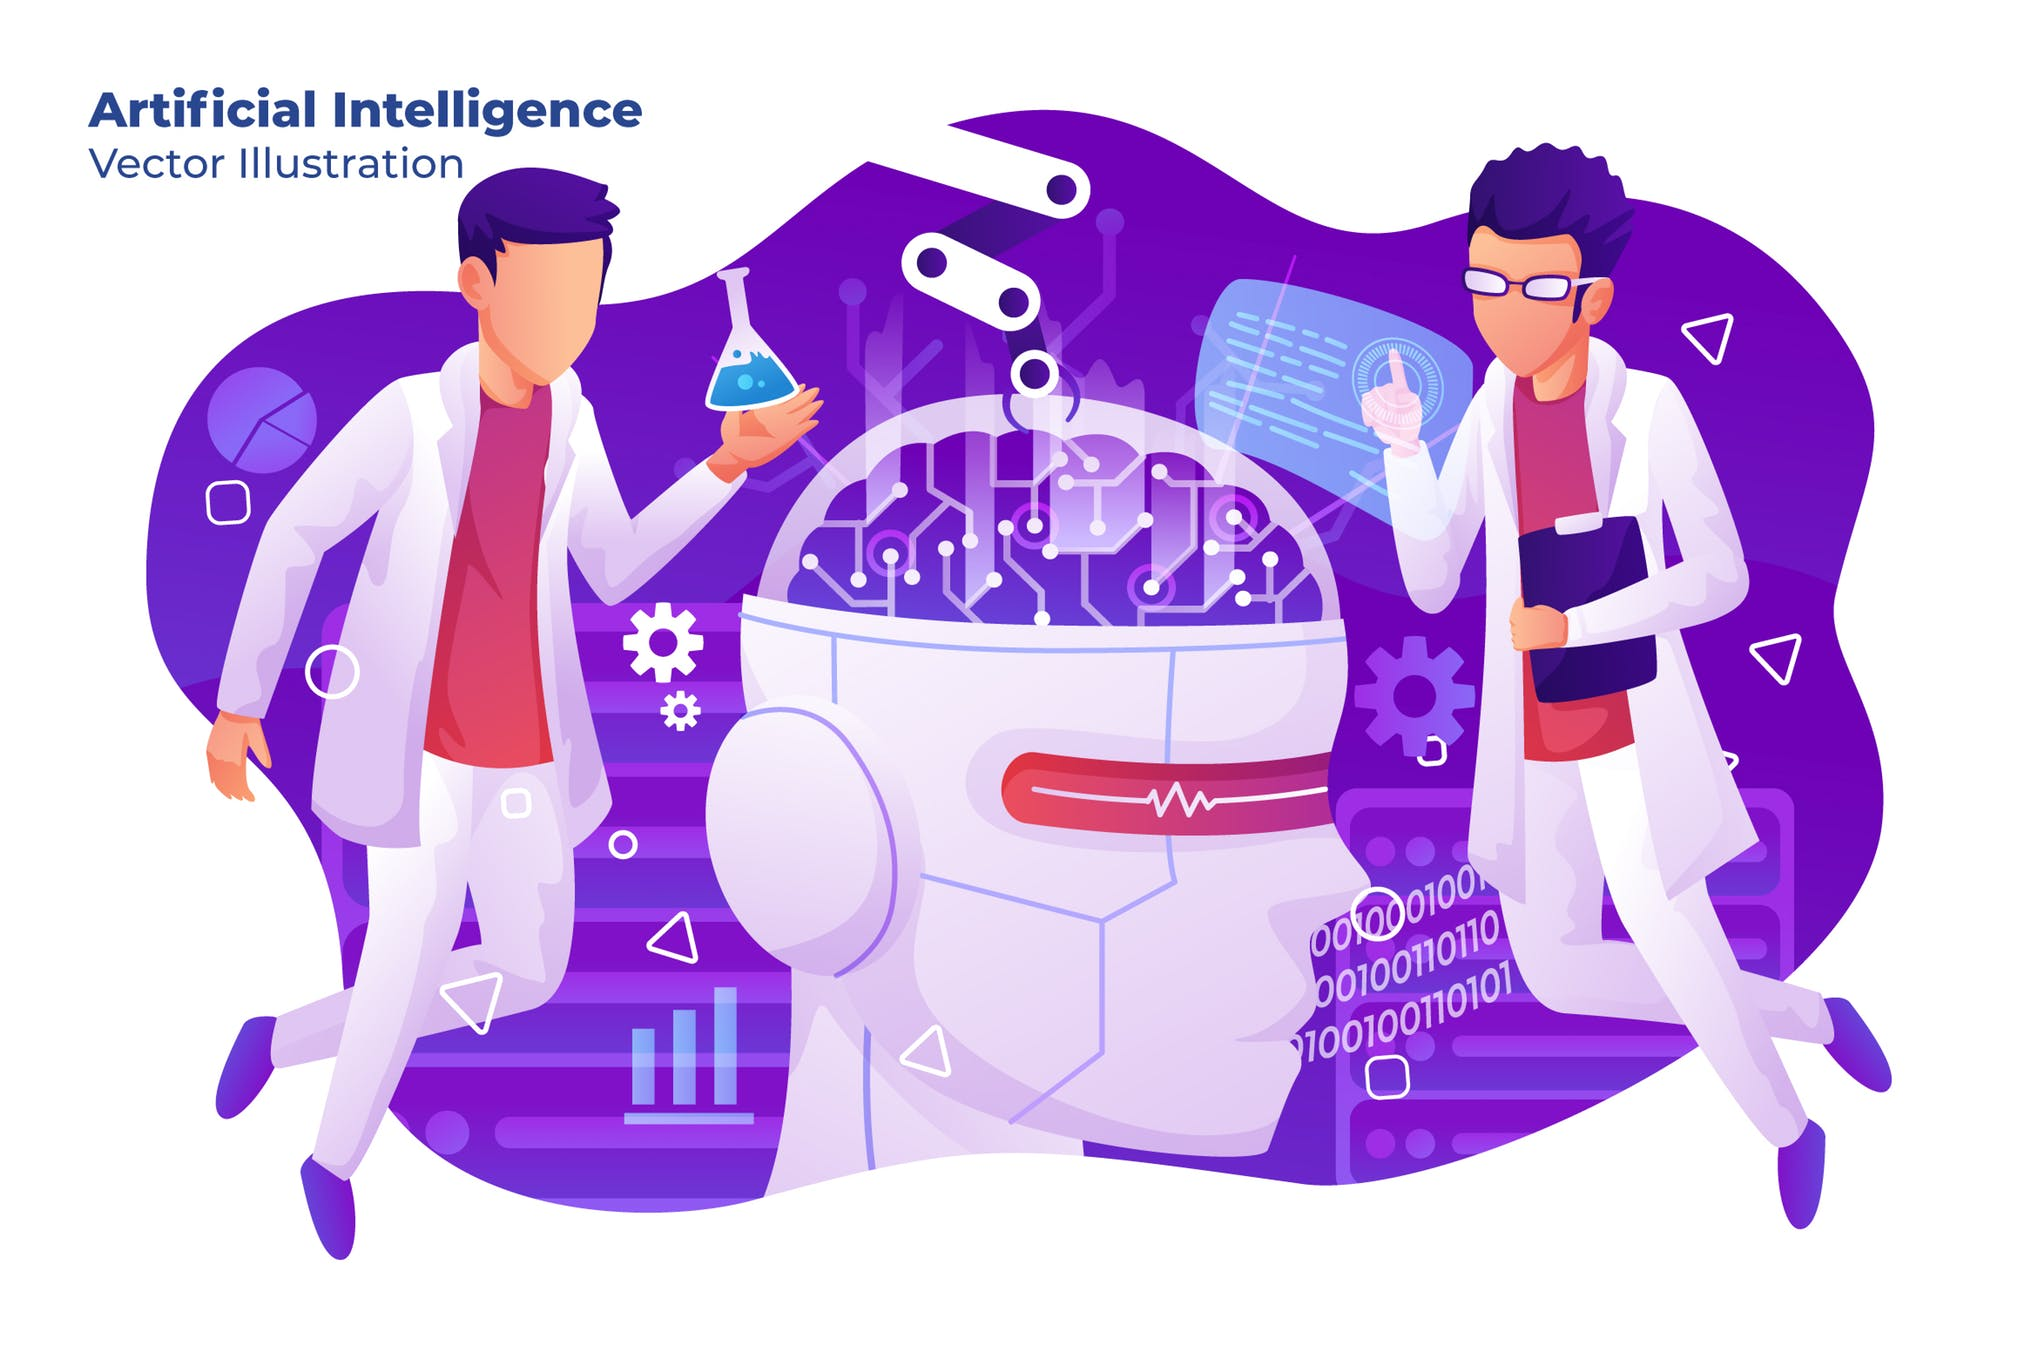 人工智能智能时代系列插画设计素材下载Artificial Intelligence - Vector Illustration